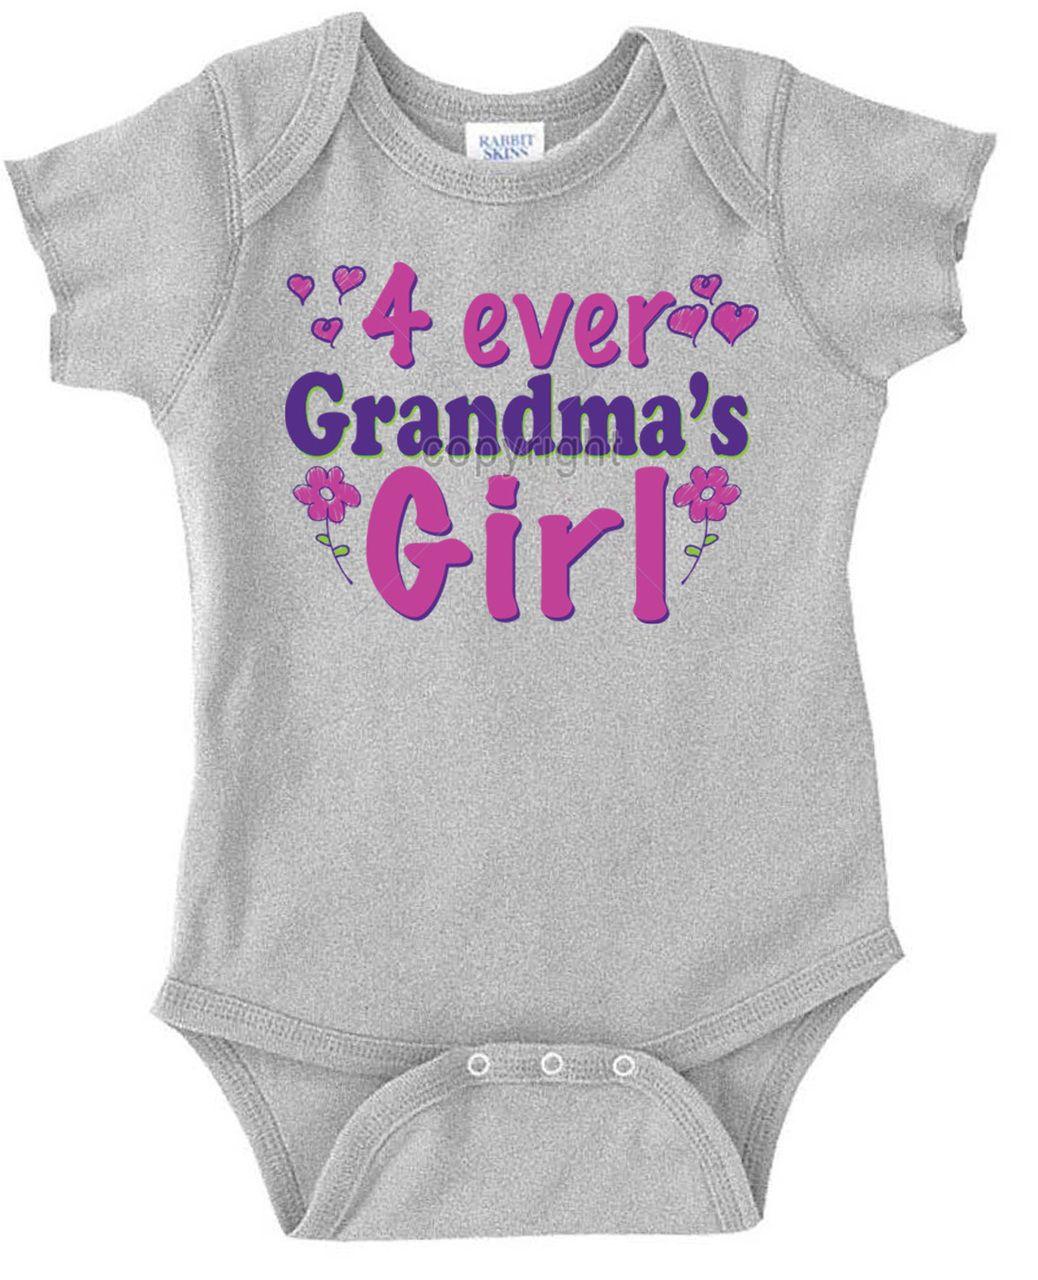 0e9cbb220021f 4 Ever Grandma's Girl Infant Bodysuit | Grandma's Girl Onesies ...